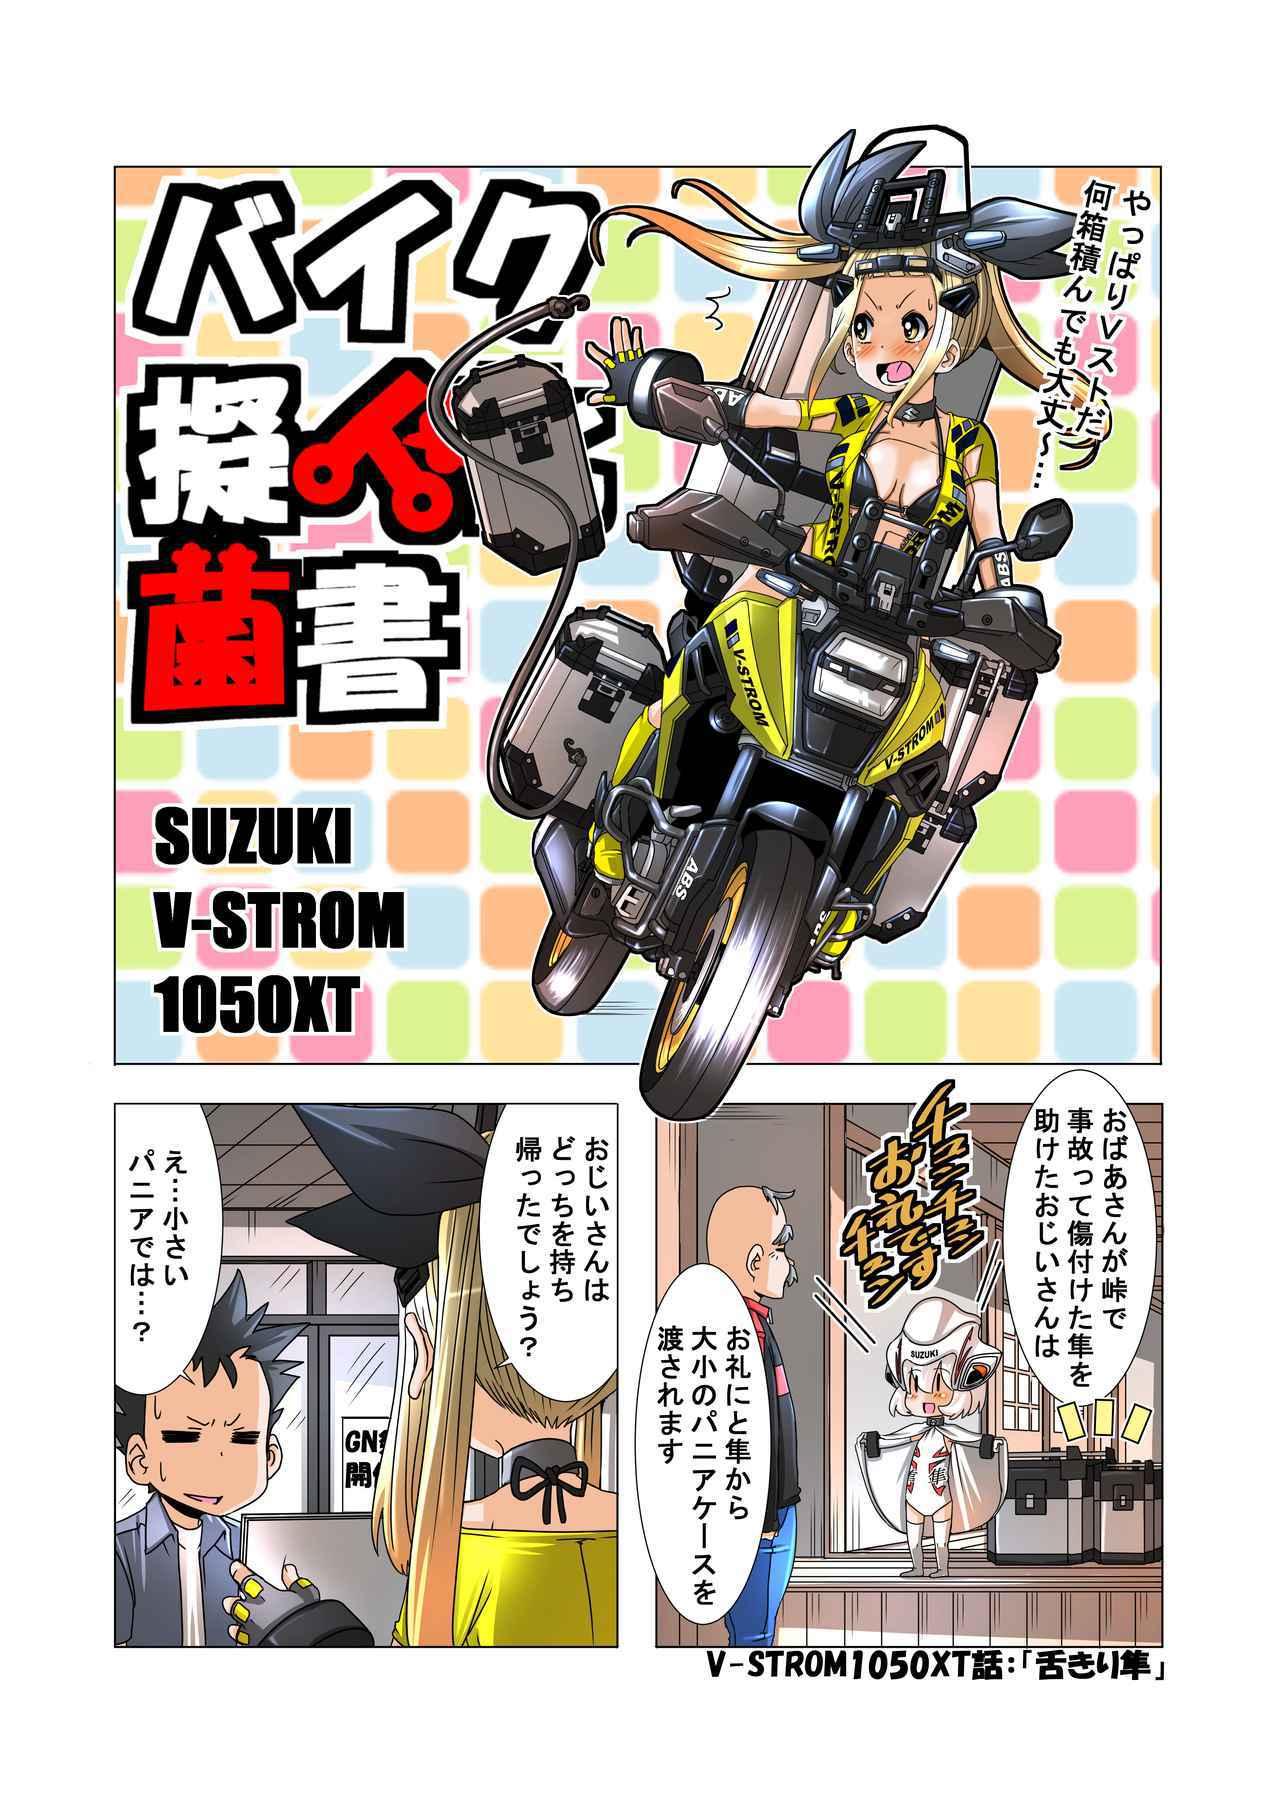 画像1: 『バイク擬人化菌書』V-STROM1050XT 話「舌きり隼」 作:鈴木秀吉